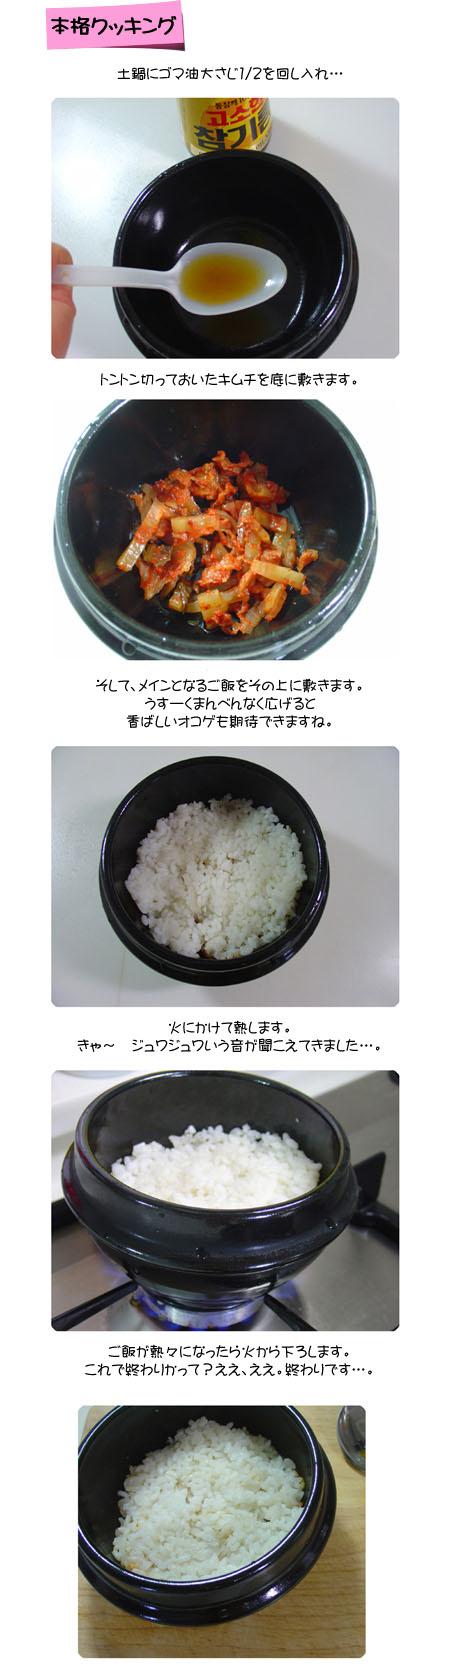 韓国料理のアルバプ(とびこご飯)